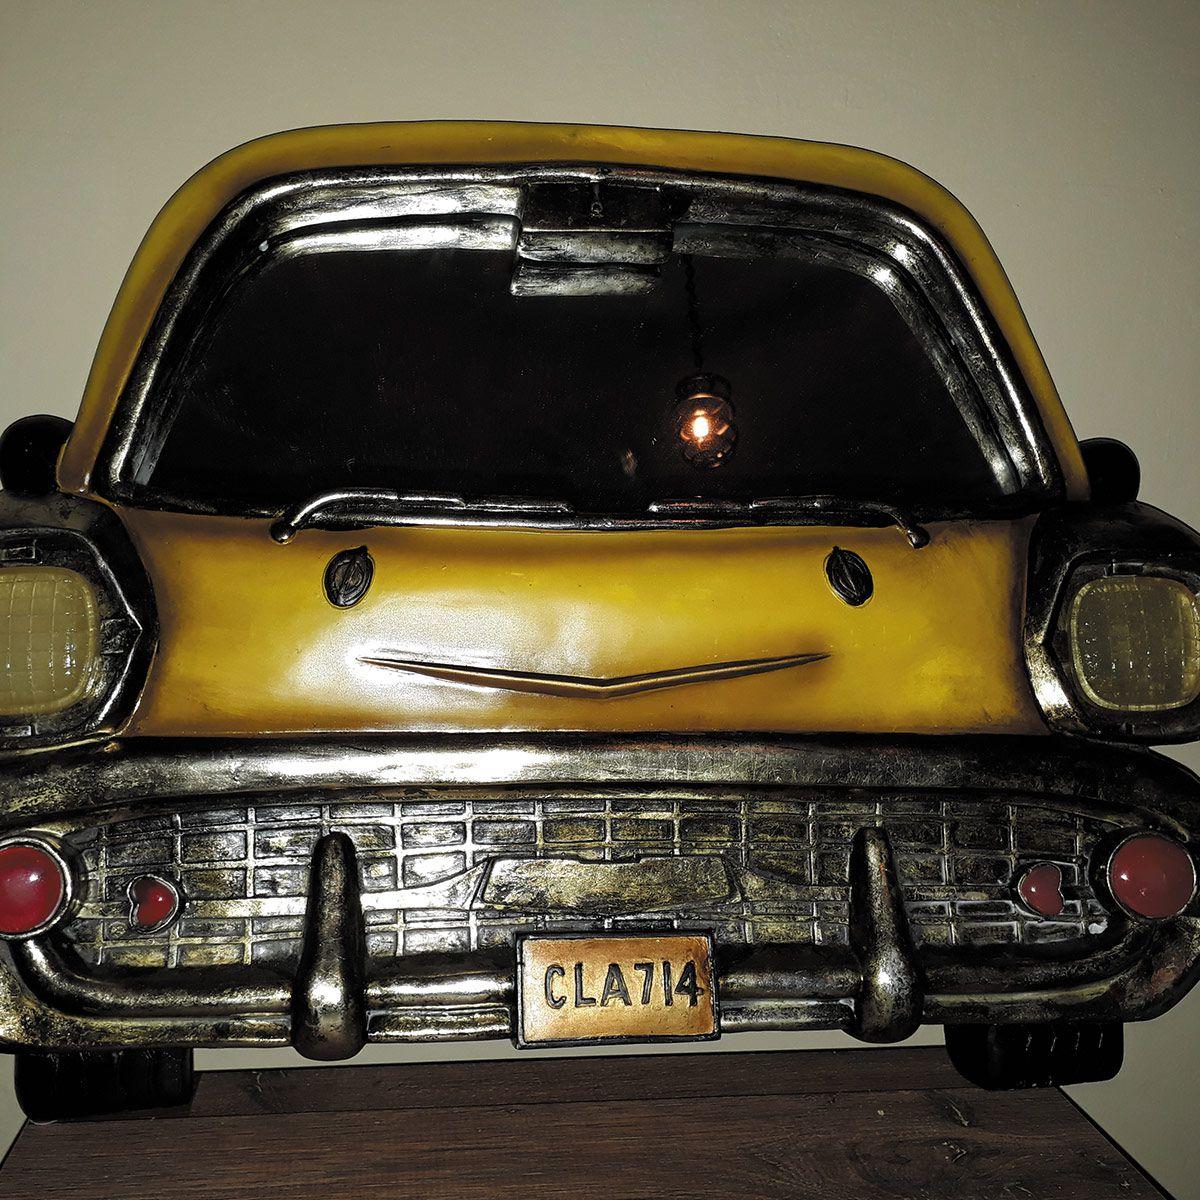 Espelho de Carro Pura Nostalgia cor Amarelo placa CLA-714